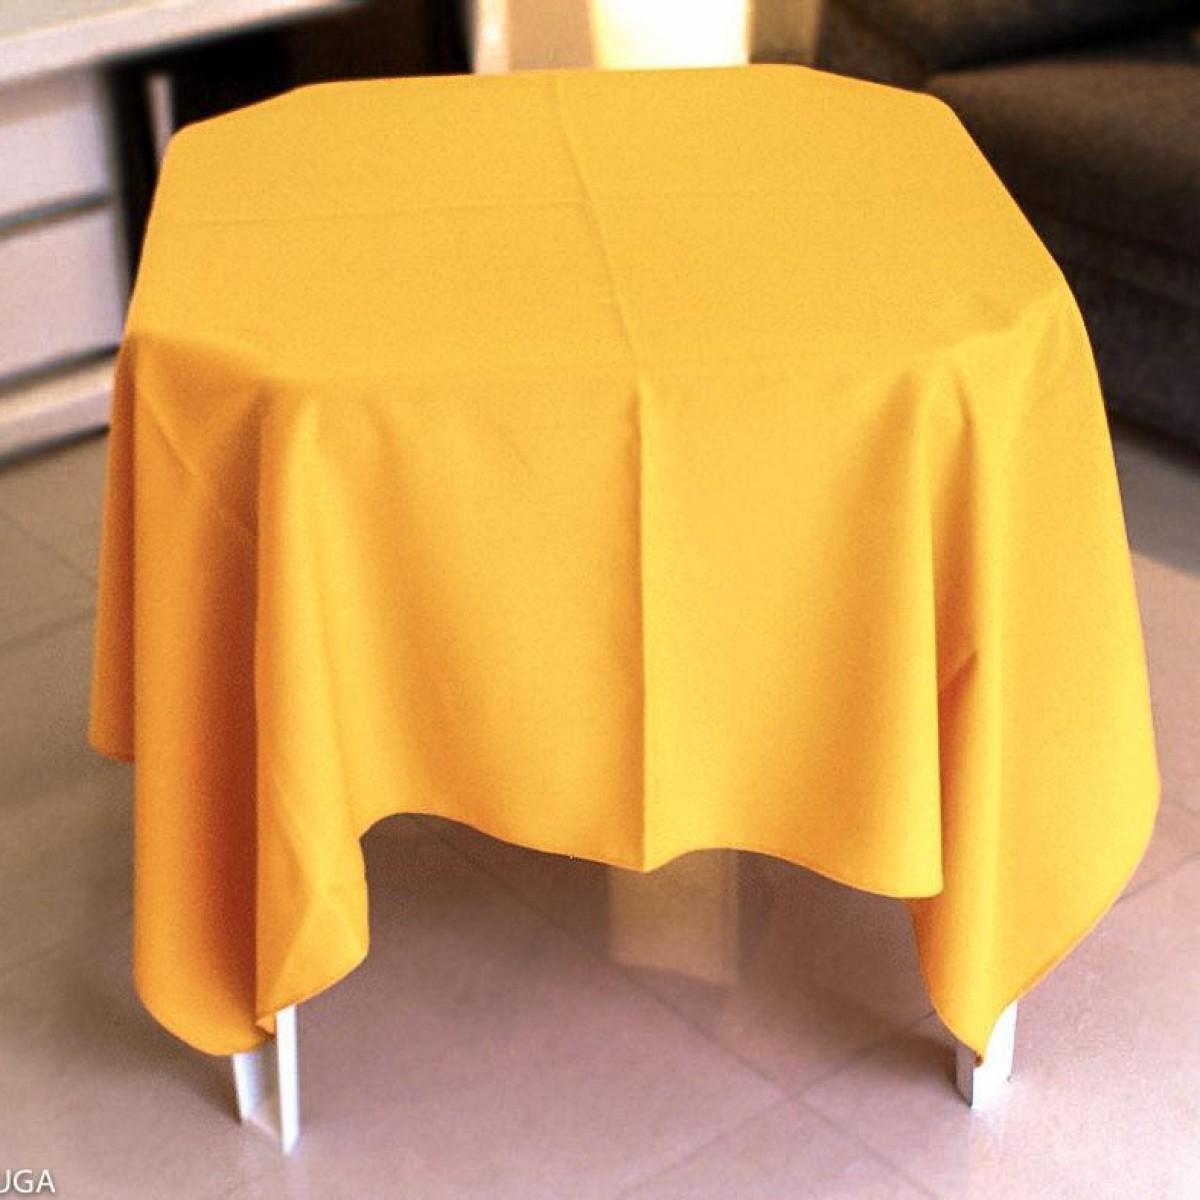 Detalhes do produto Aluguel de toalha quadrada amarela